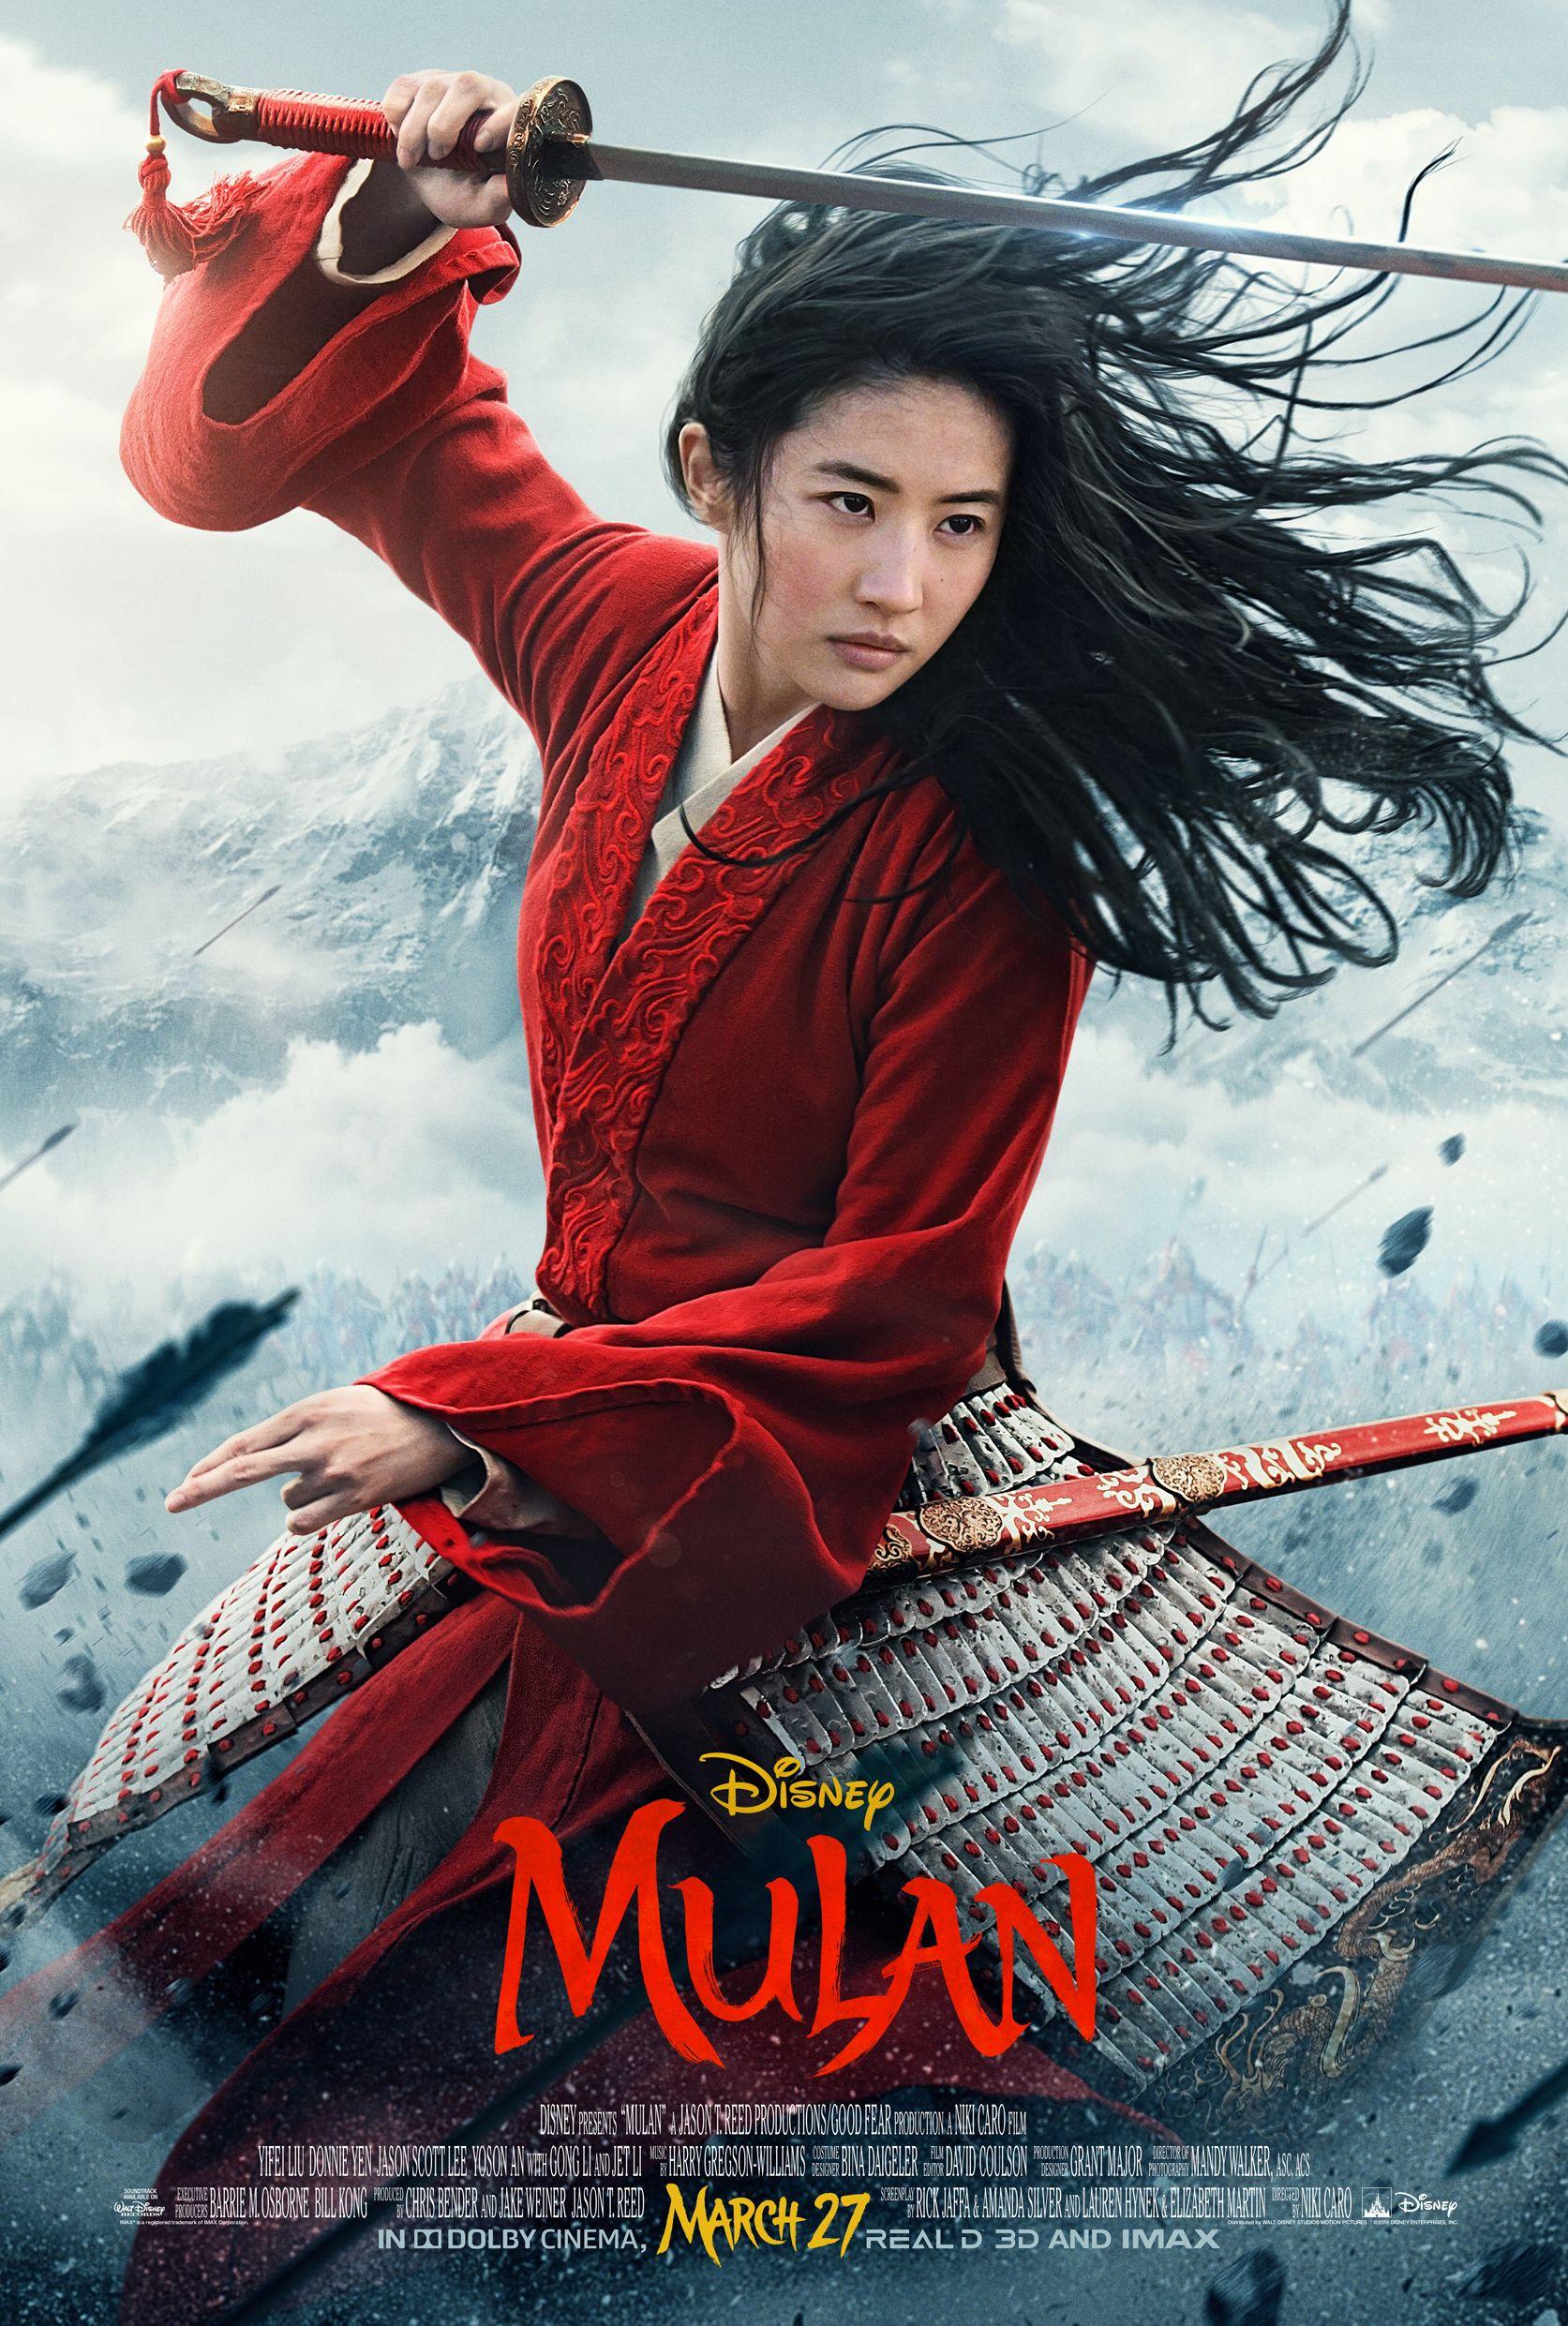 Disney's 'Mulan' Poster